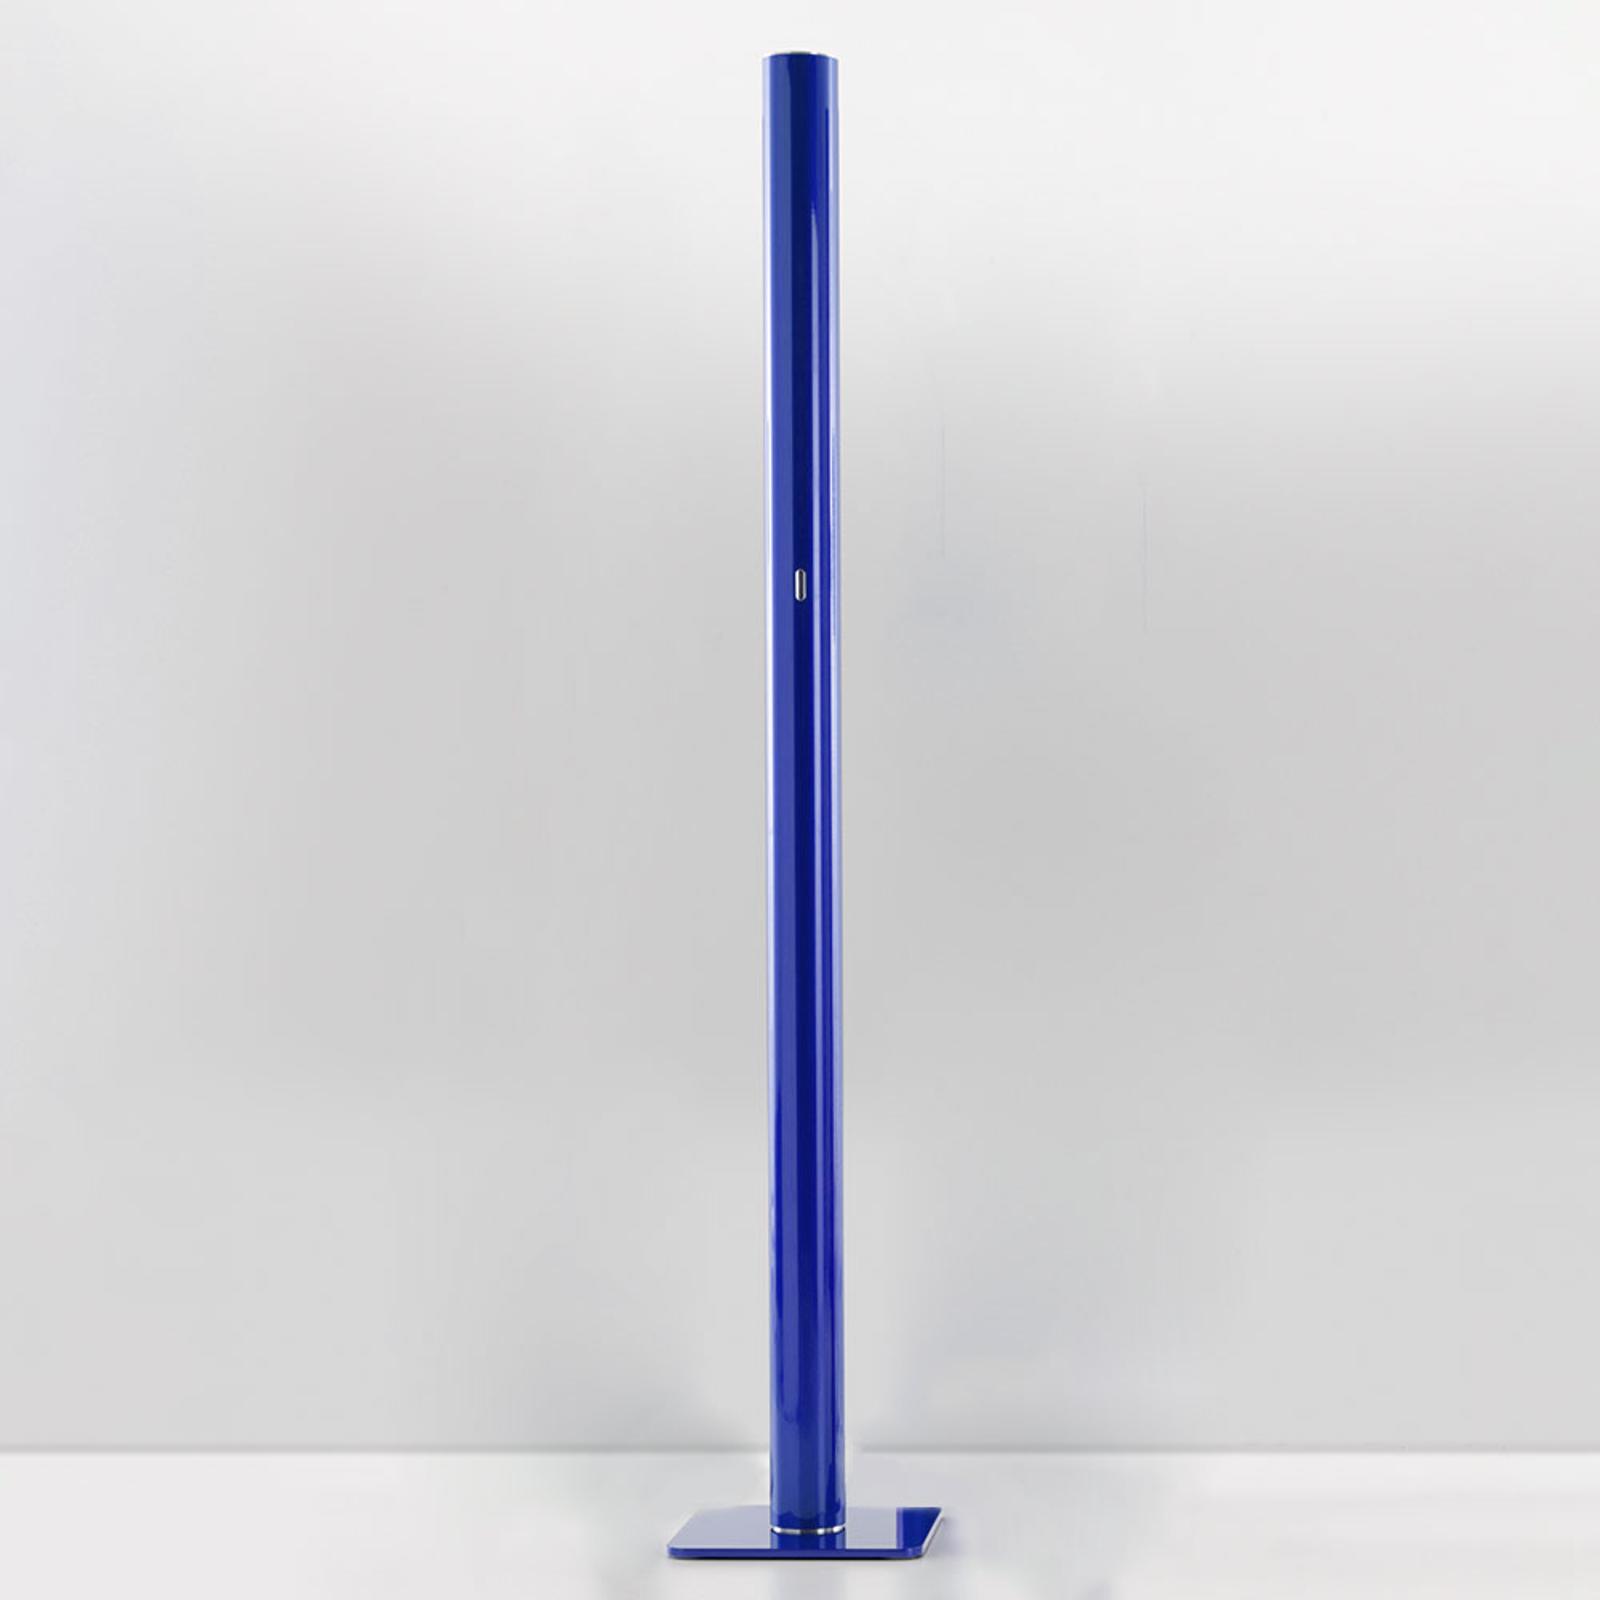 Artemide Ilio – LED-golvlampa, app, blå, 2700K